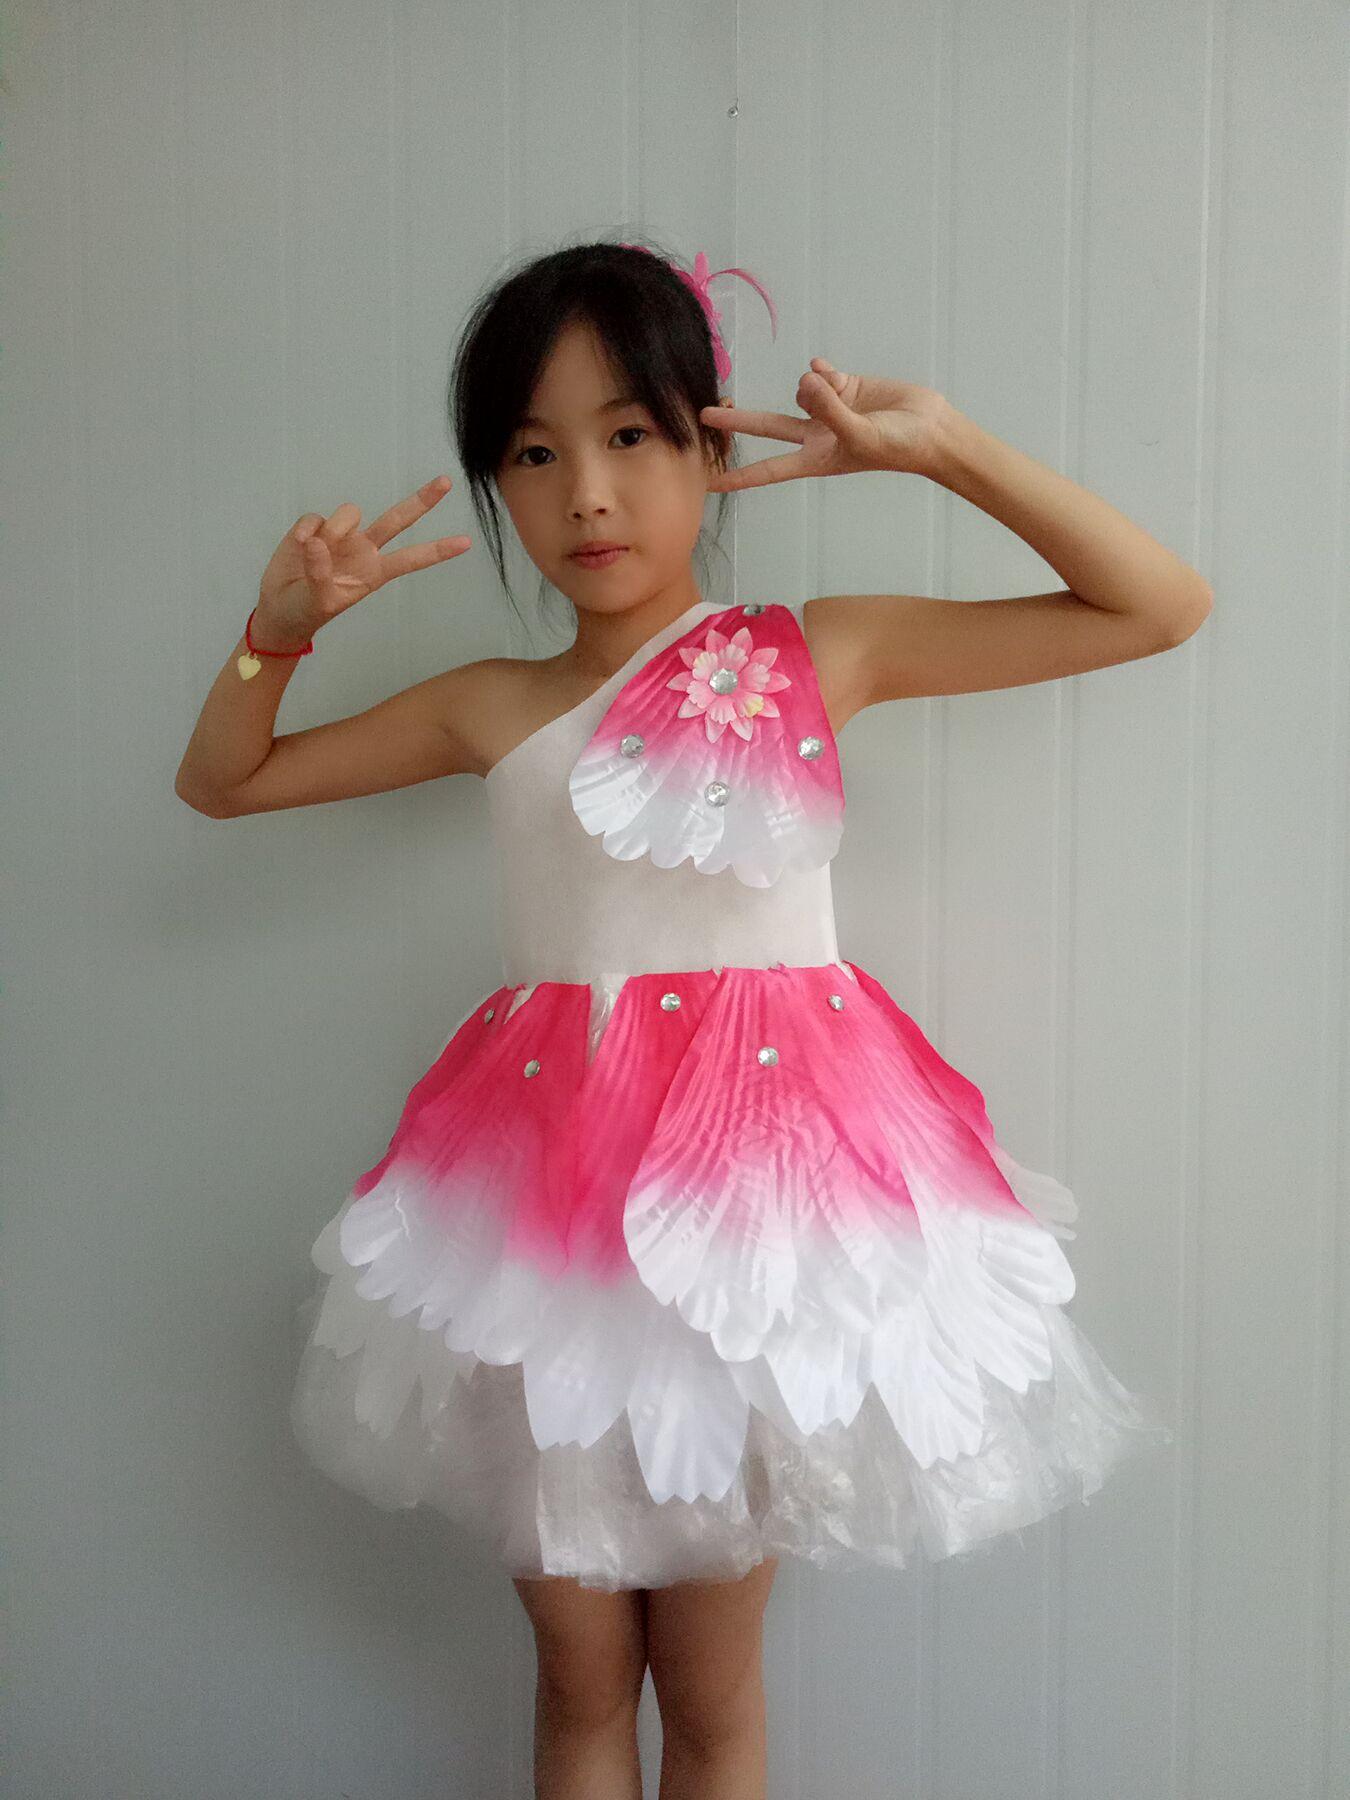 环保衣服装儿童时装秀演出服儿童幼儿园服装女公主裙子装走秀裙tt 玫